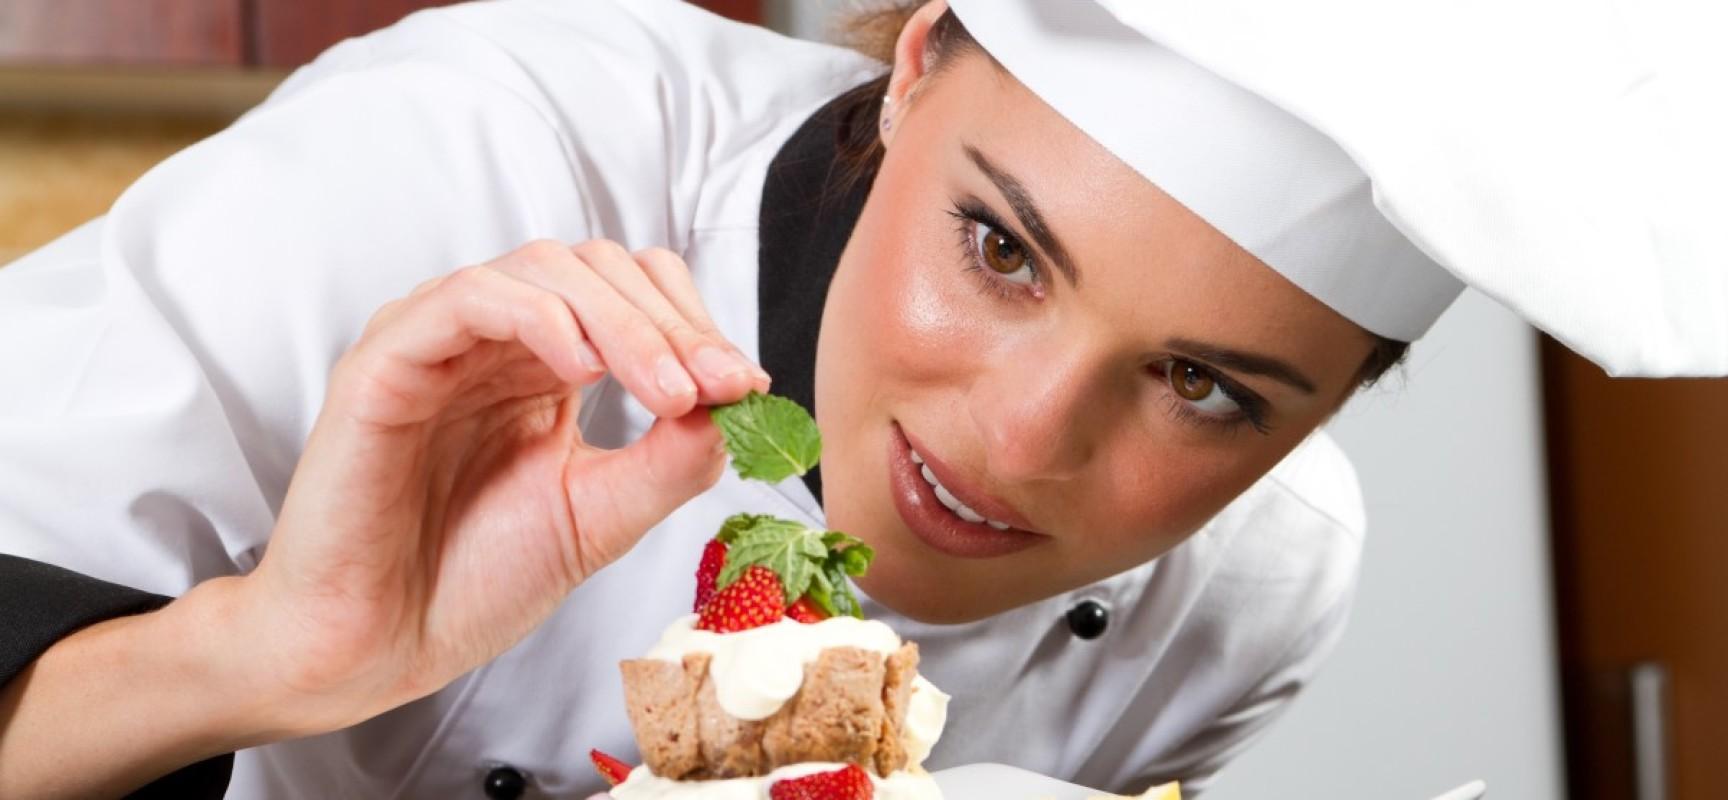 Вредные условия труда поваров: какие доплаты полагаются по закону?